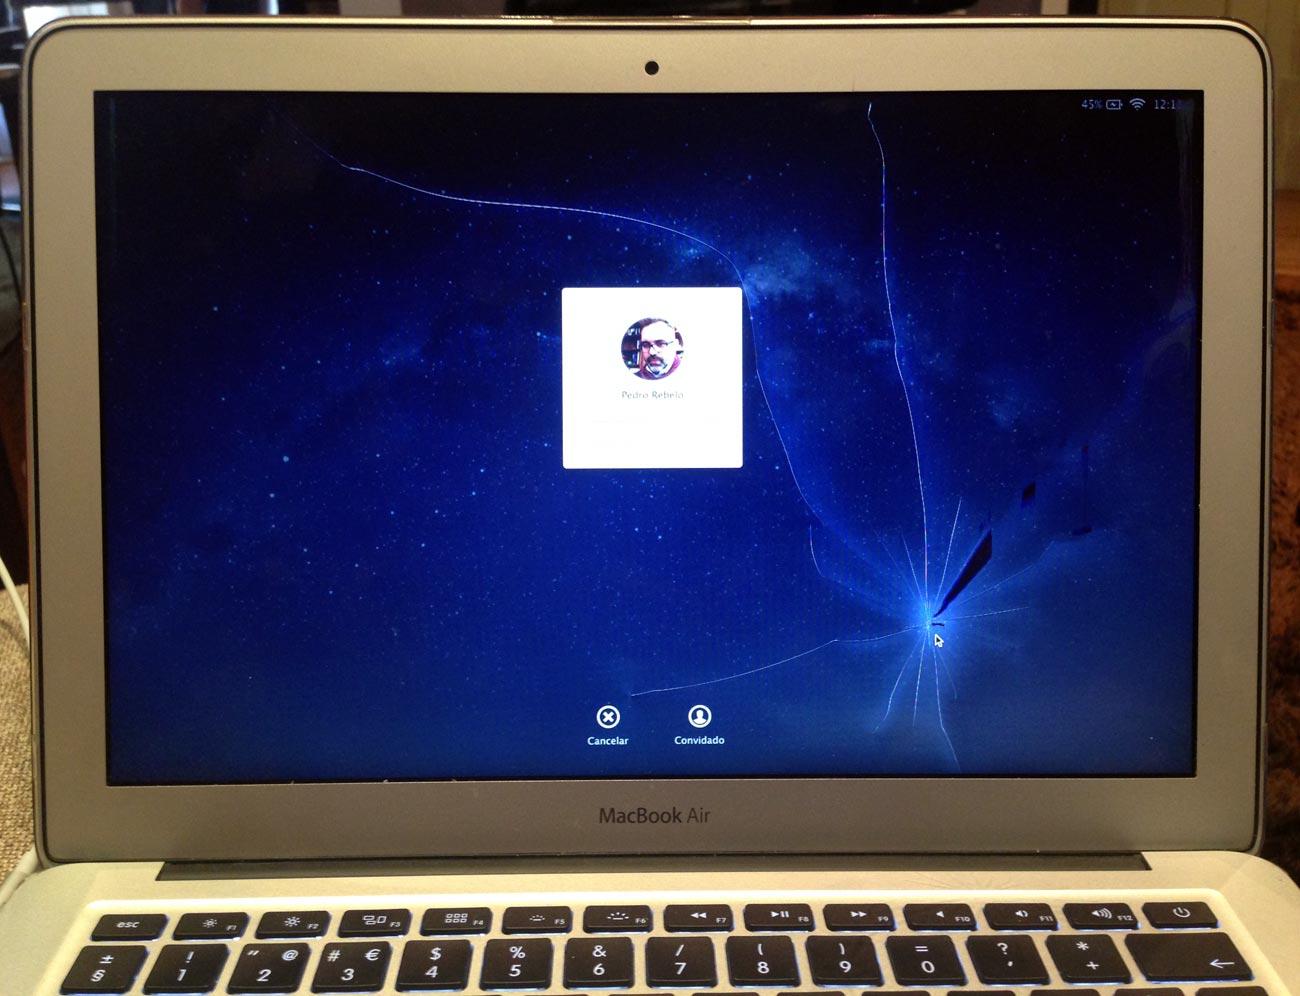 Broken Macbook Display